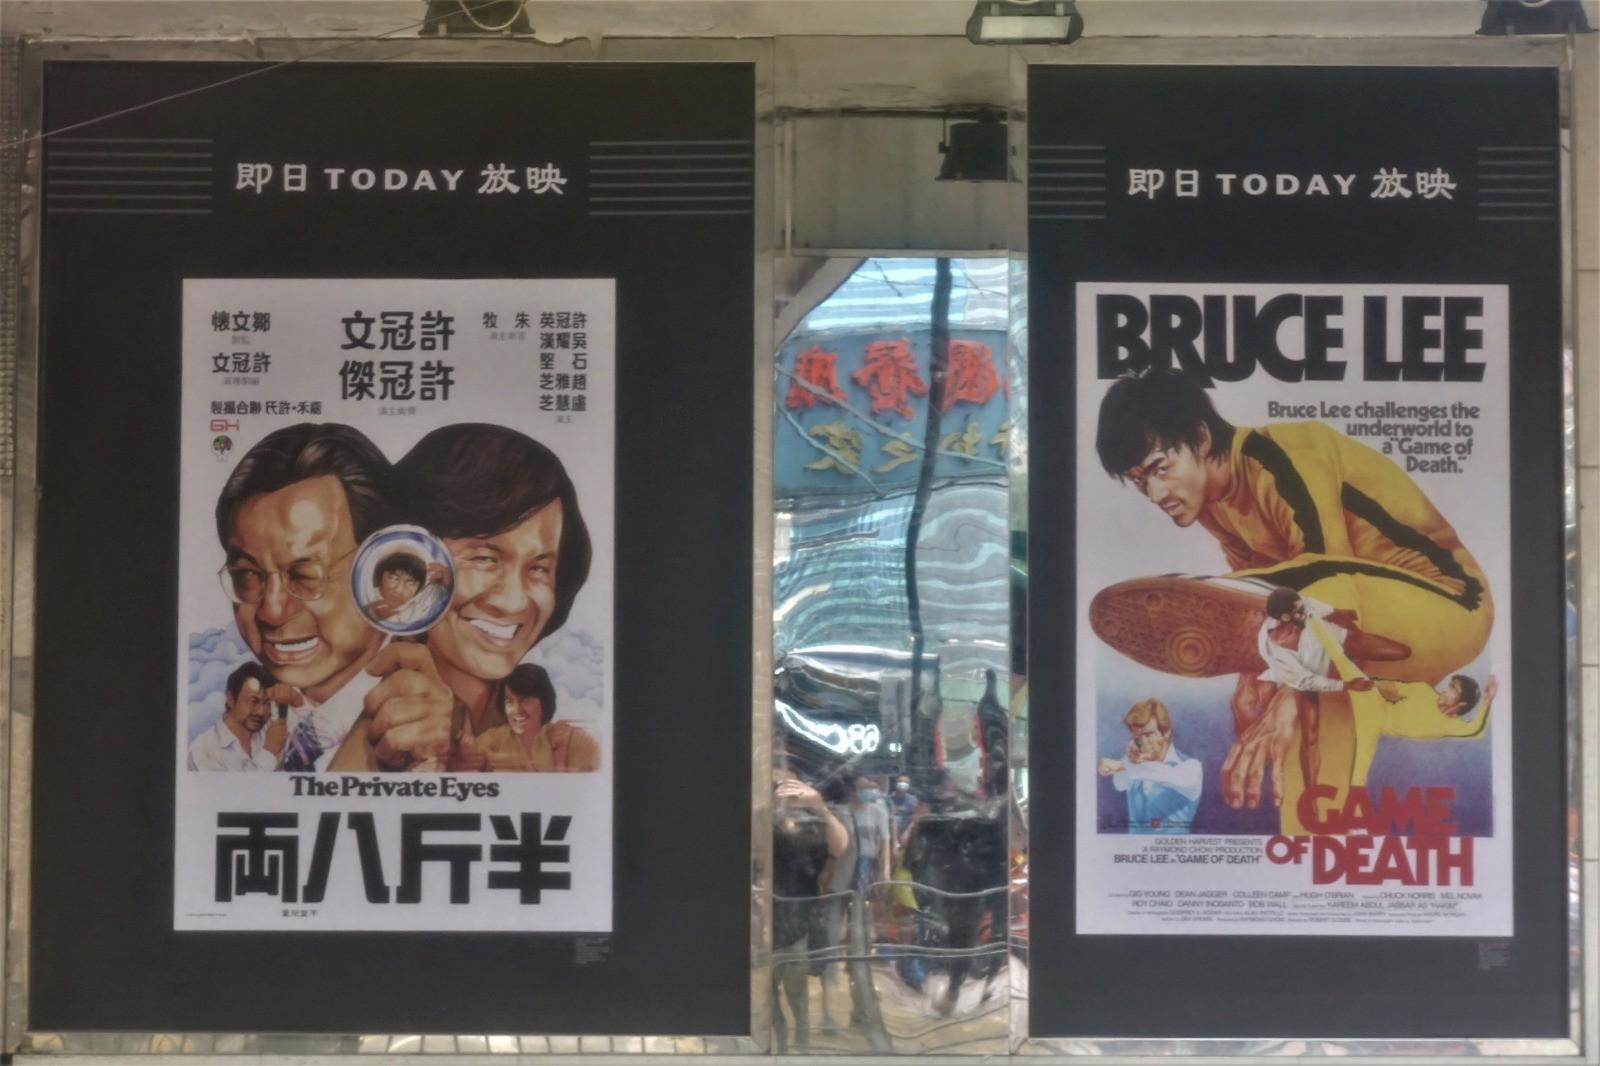 阮大勇設計的電影海報,如今已成為經典。